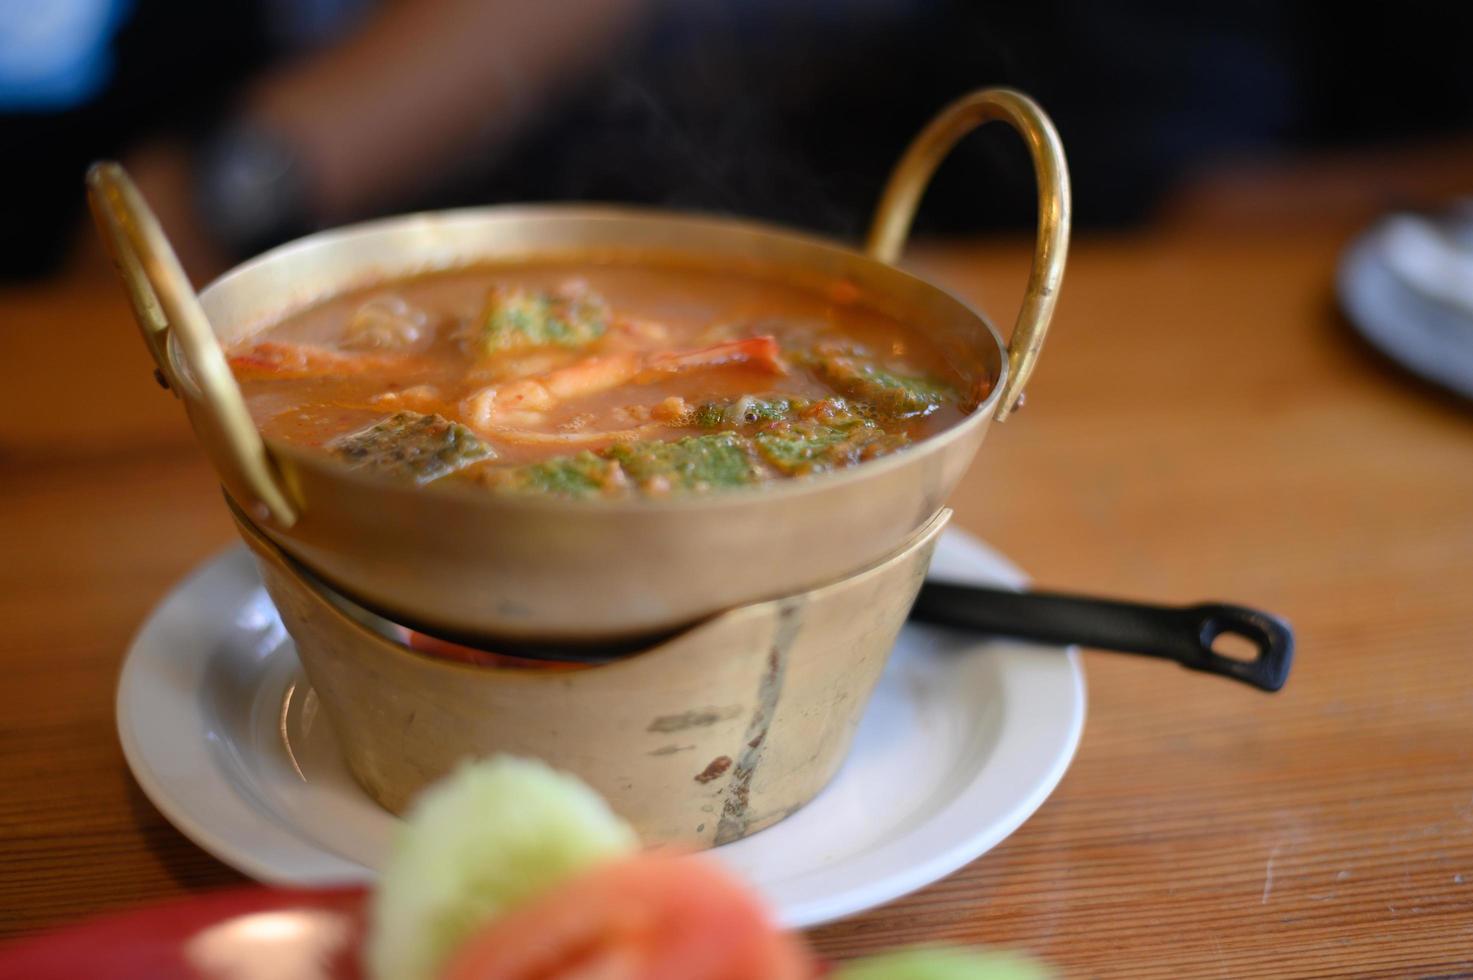 soupe aigre cha-om aux crevettes dans le pot photo